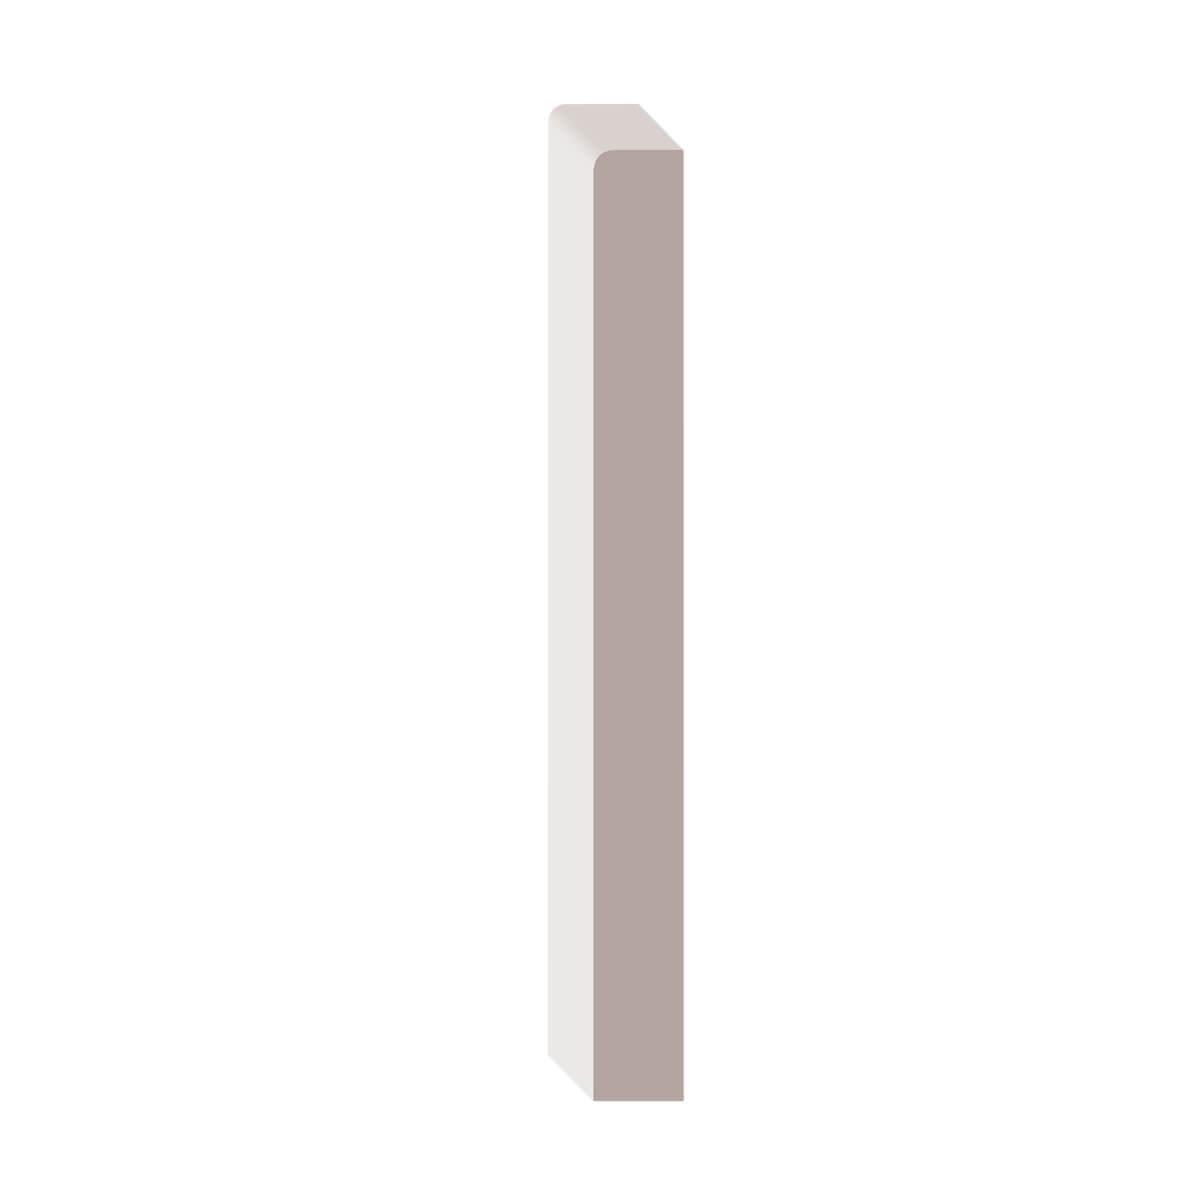 1/2-in x 5-in Primed MDF Baseboard